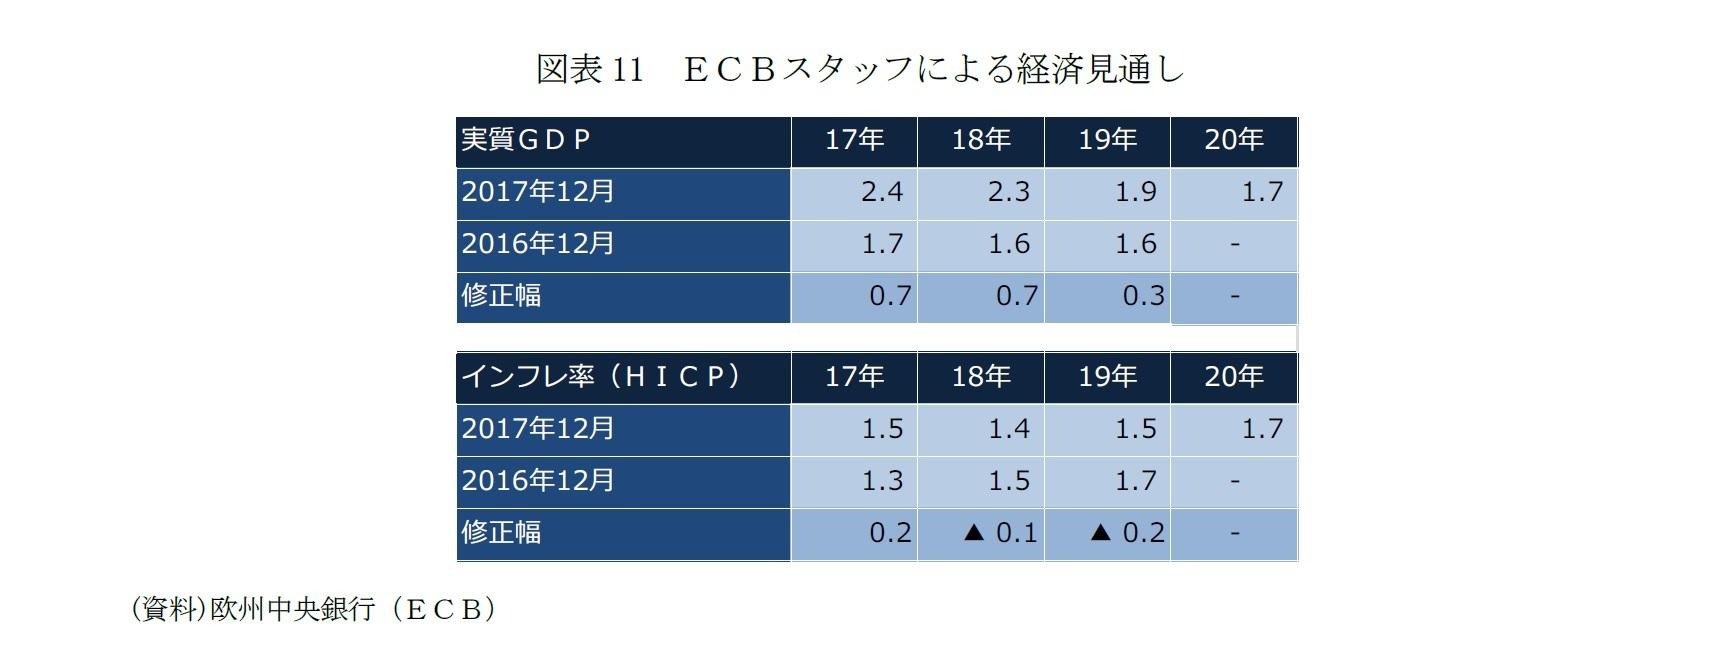 図表11 ECBスタッフによる経済見通し